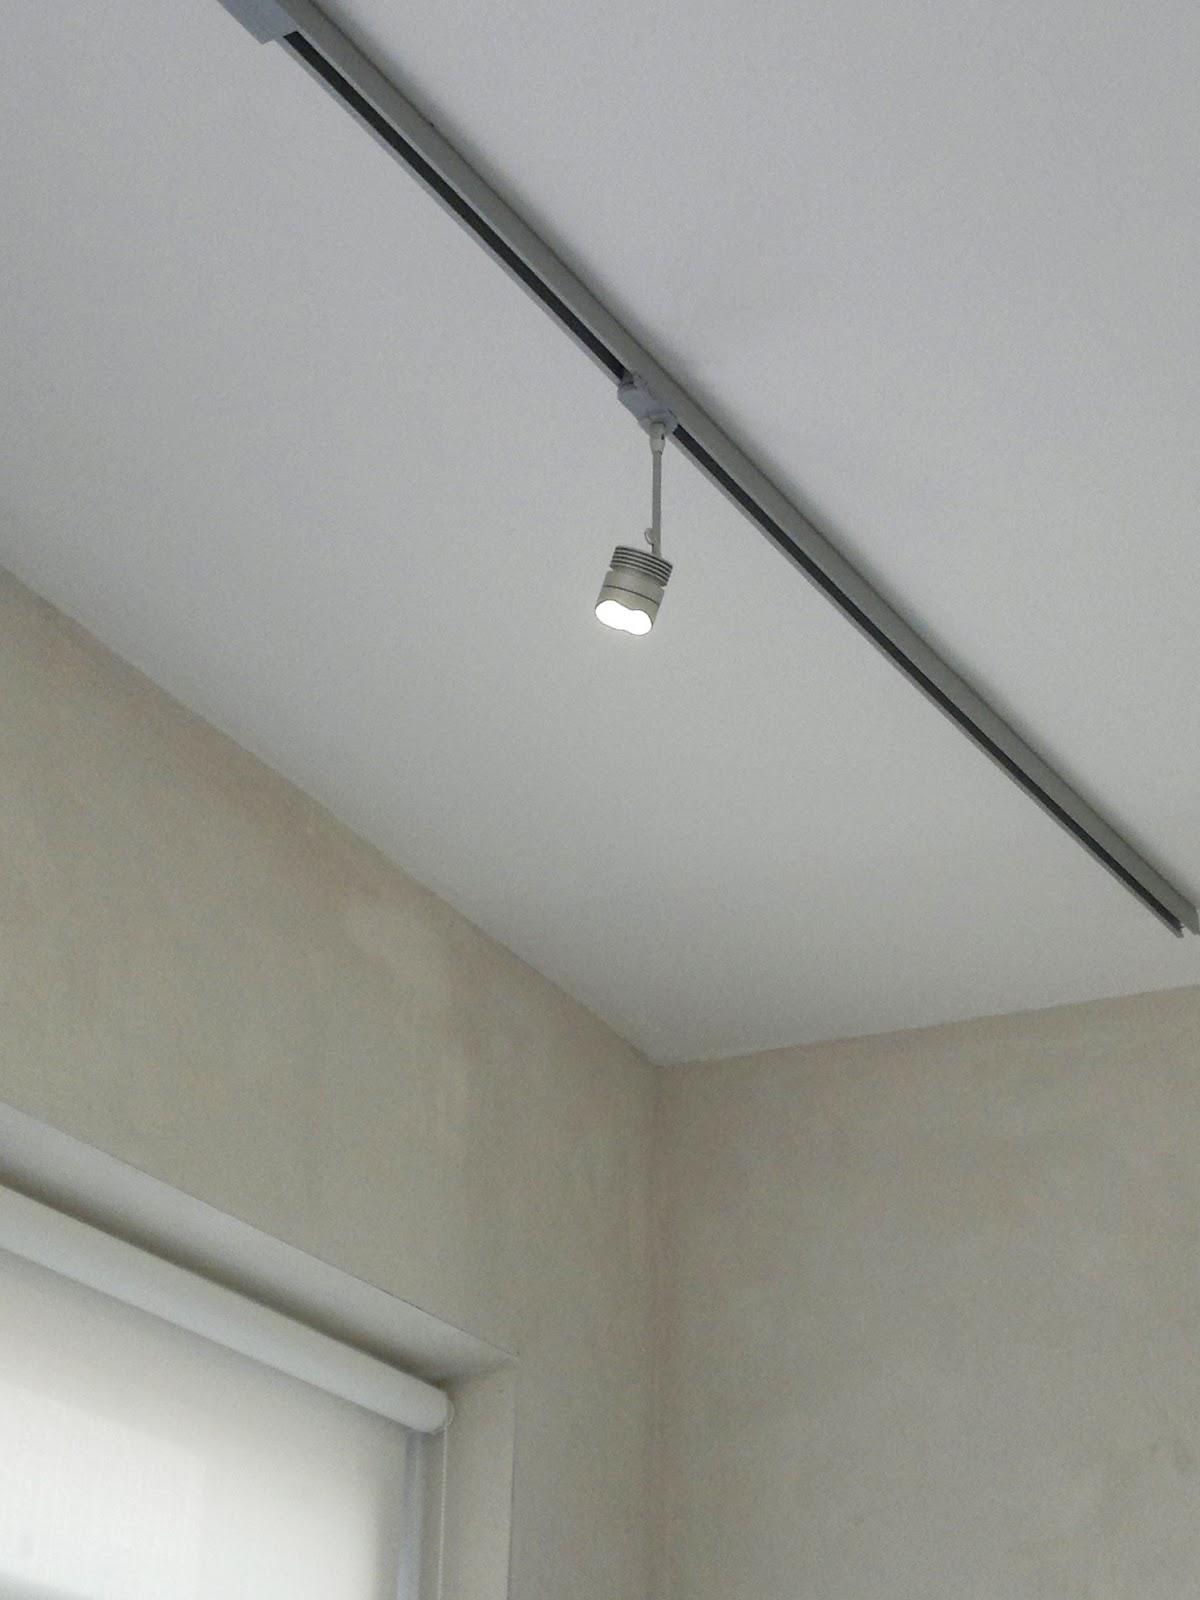 Illuminazione led casa settembre 2015 for Led per interni casa